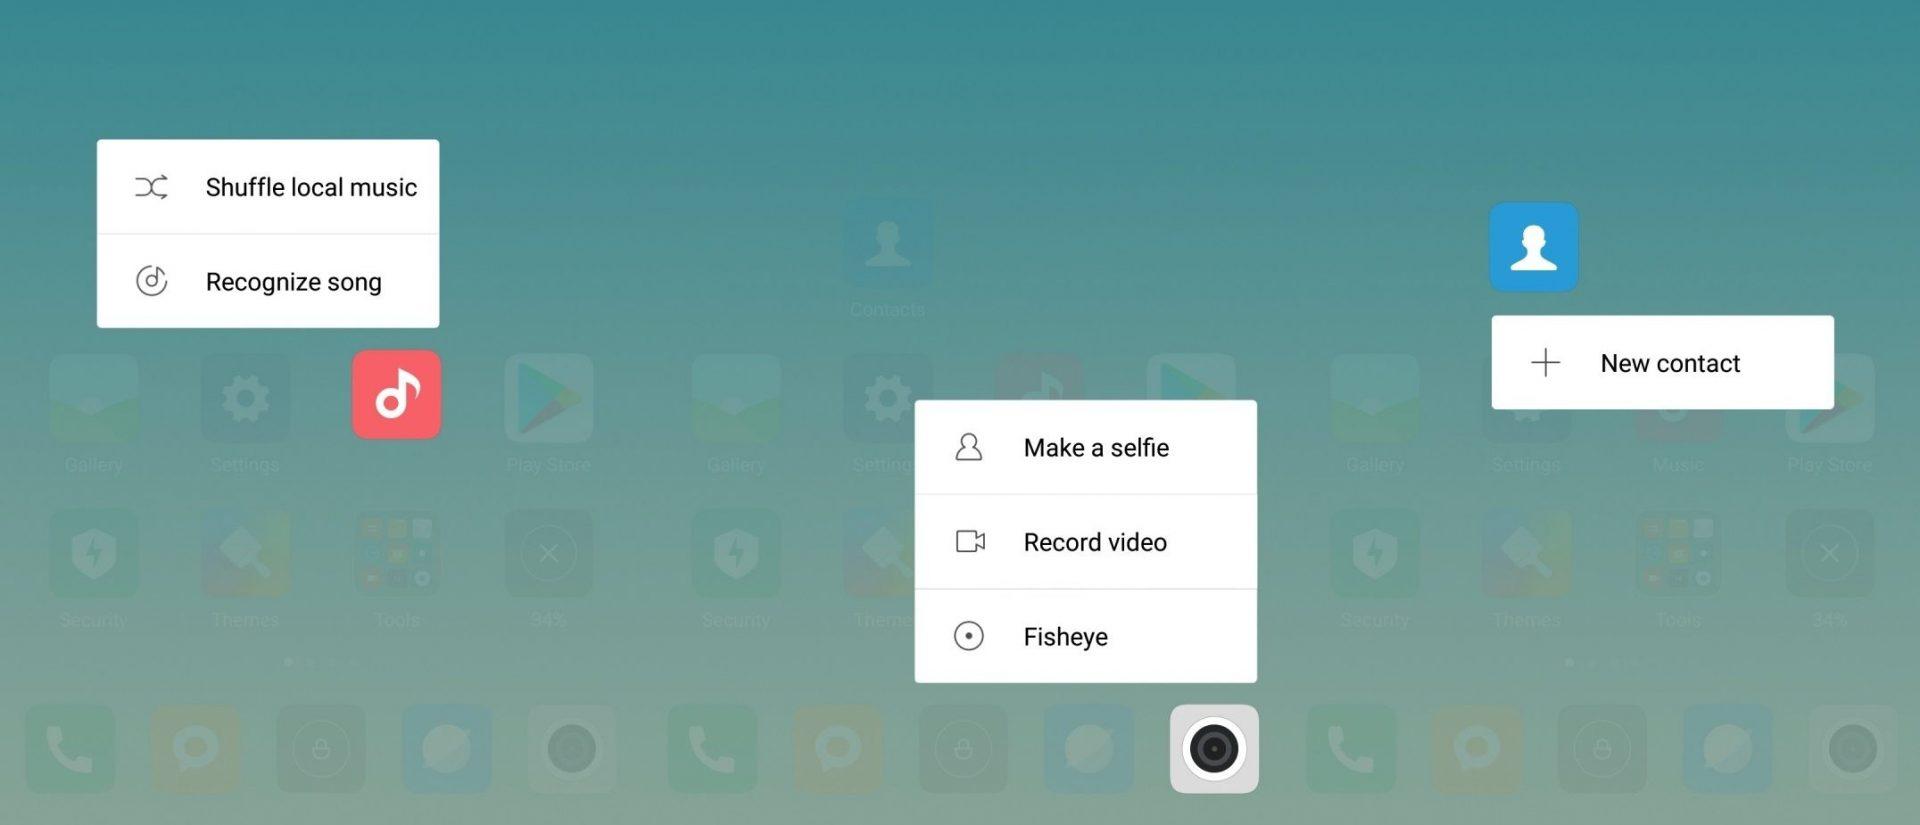 Xiaomi Mi Note 3 Guida Force Touch